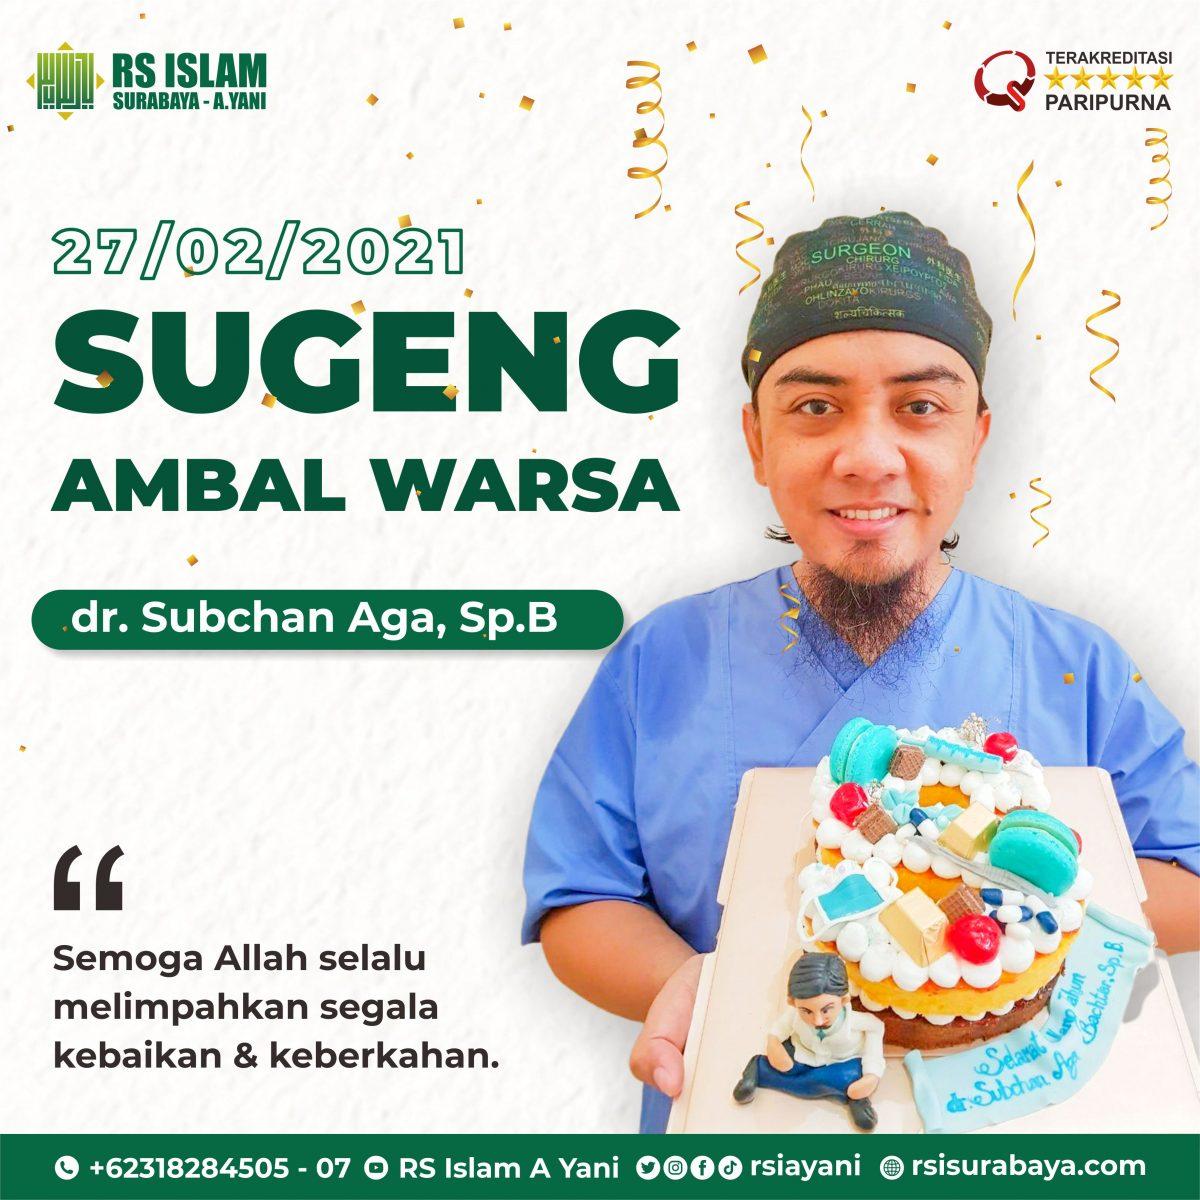 dr.-Subchan-Aga-Sp.-B-1200x1200.jpg